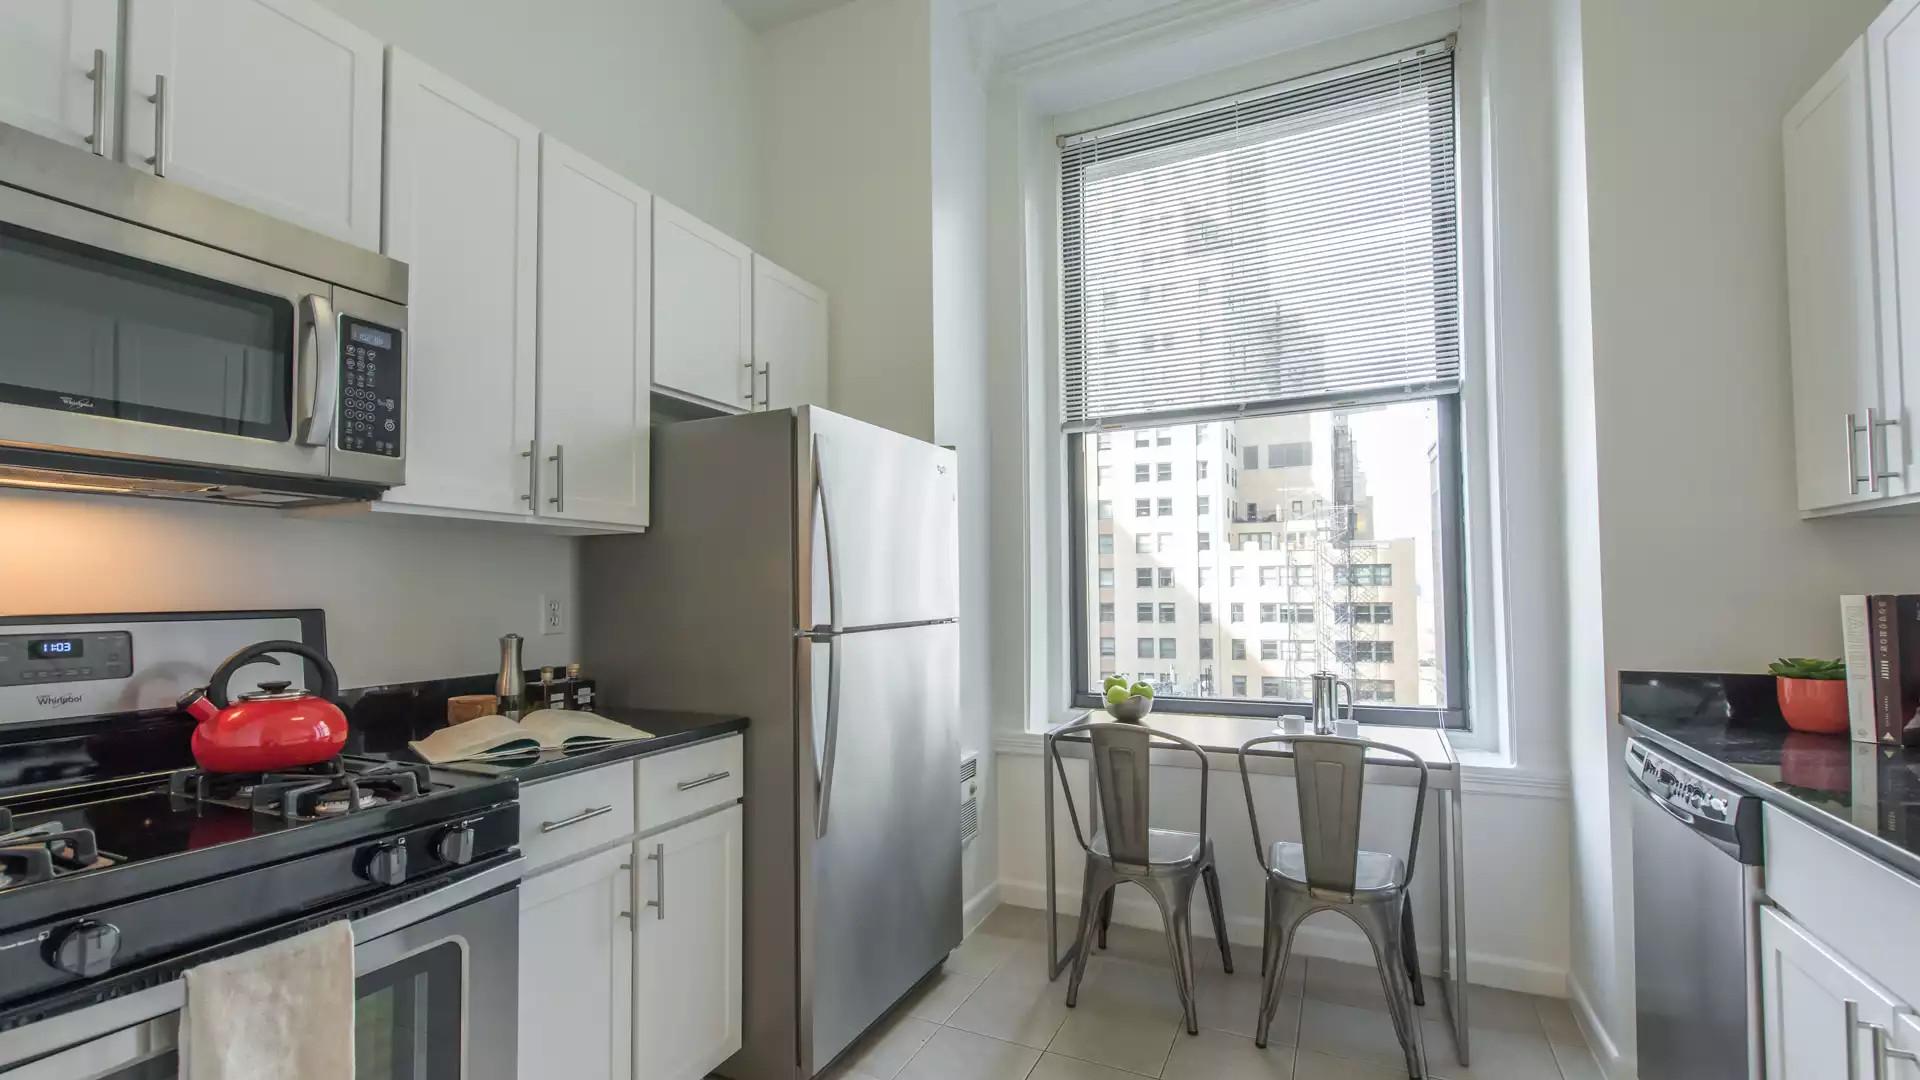 71 Broadway Apartments - New York, NY